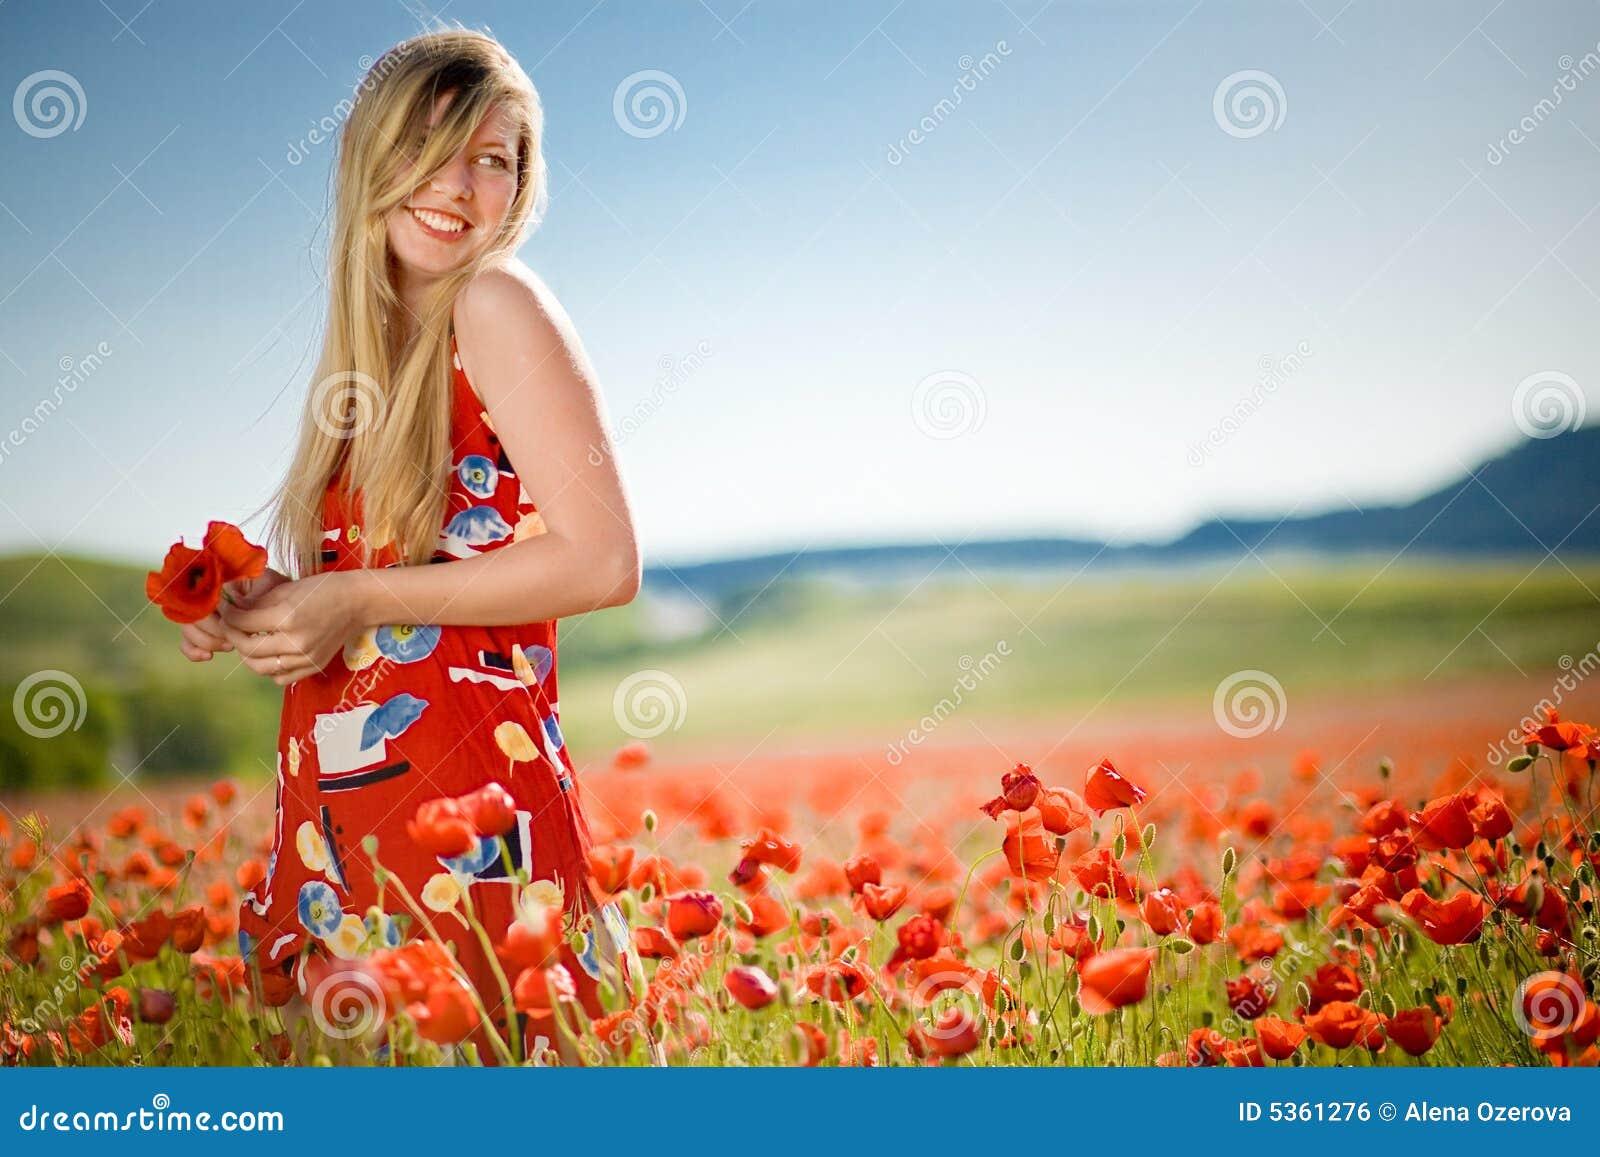 Lachende Frau auf dem Mohnblumegebiet